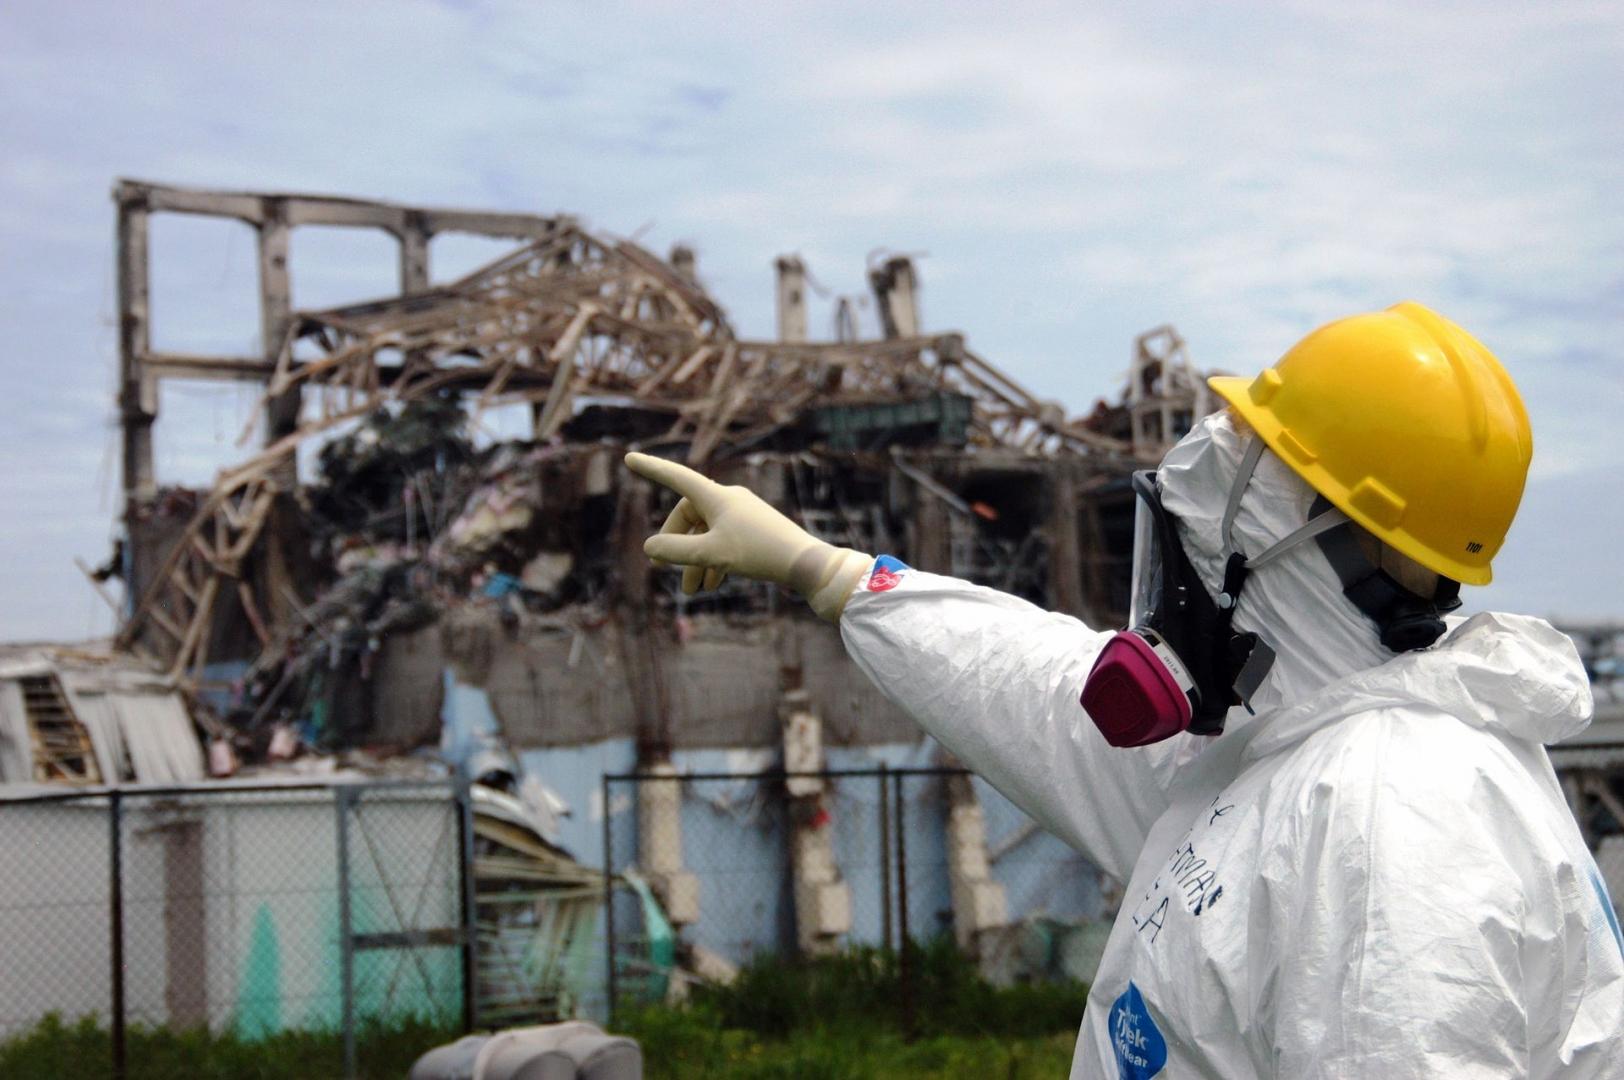 Авария на АЭС «Фукусима». Япония. IAEA Imagebank